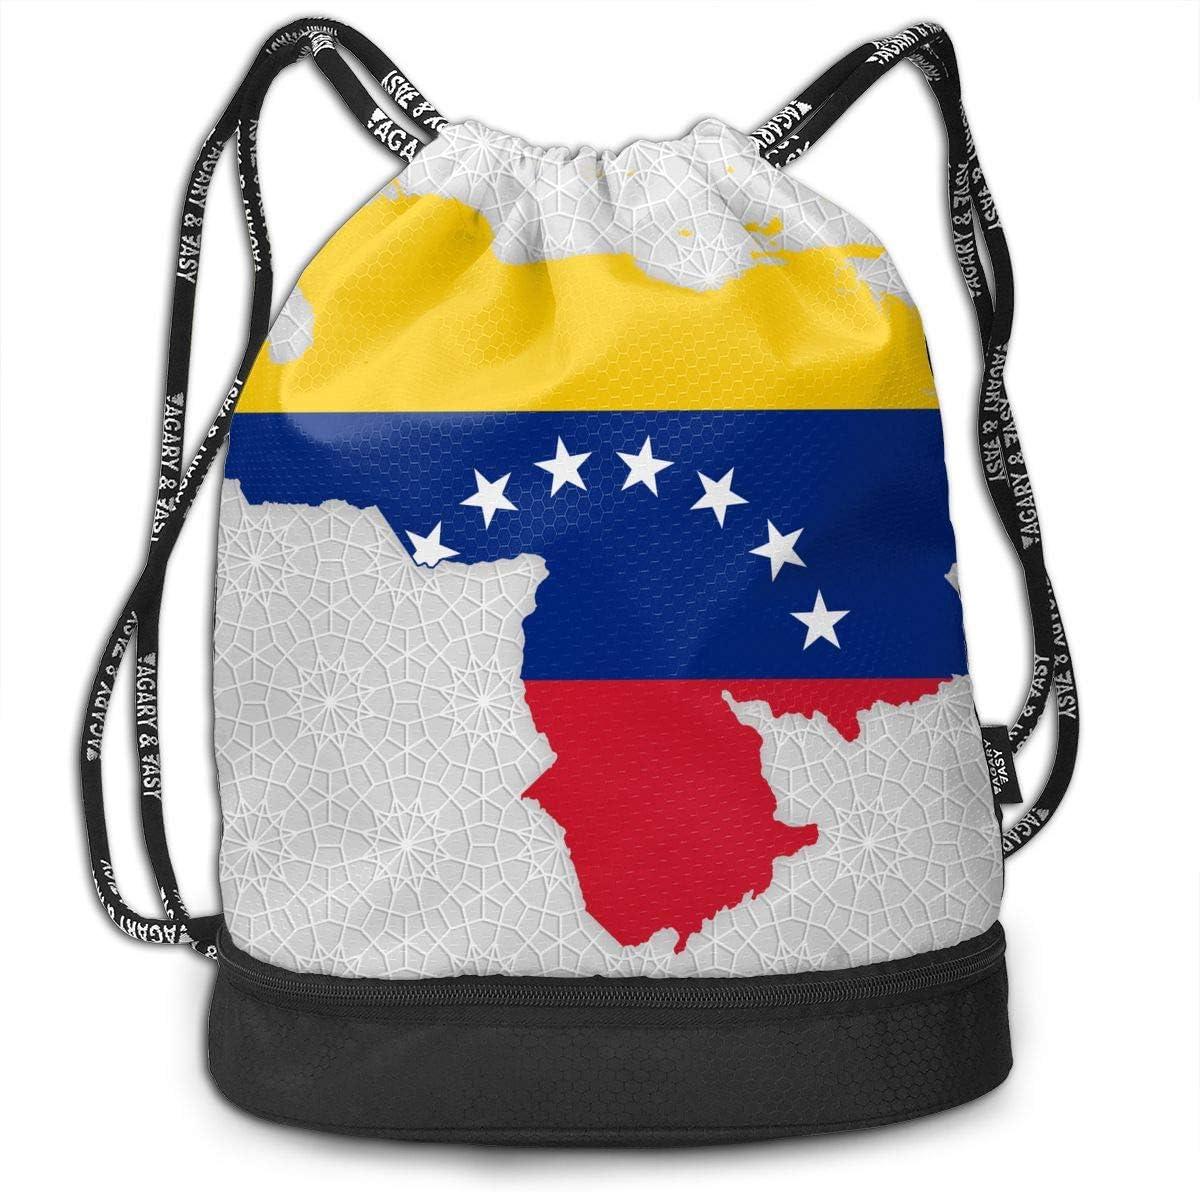 Flag Map Of Venezuela Drawstring Bag Multifunctional String Backpack Custom Cinch Backpack Rucksack Gym Bag